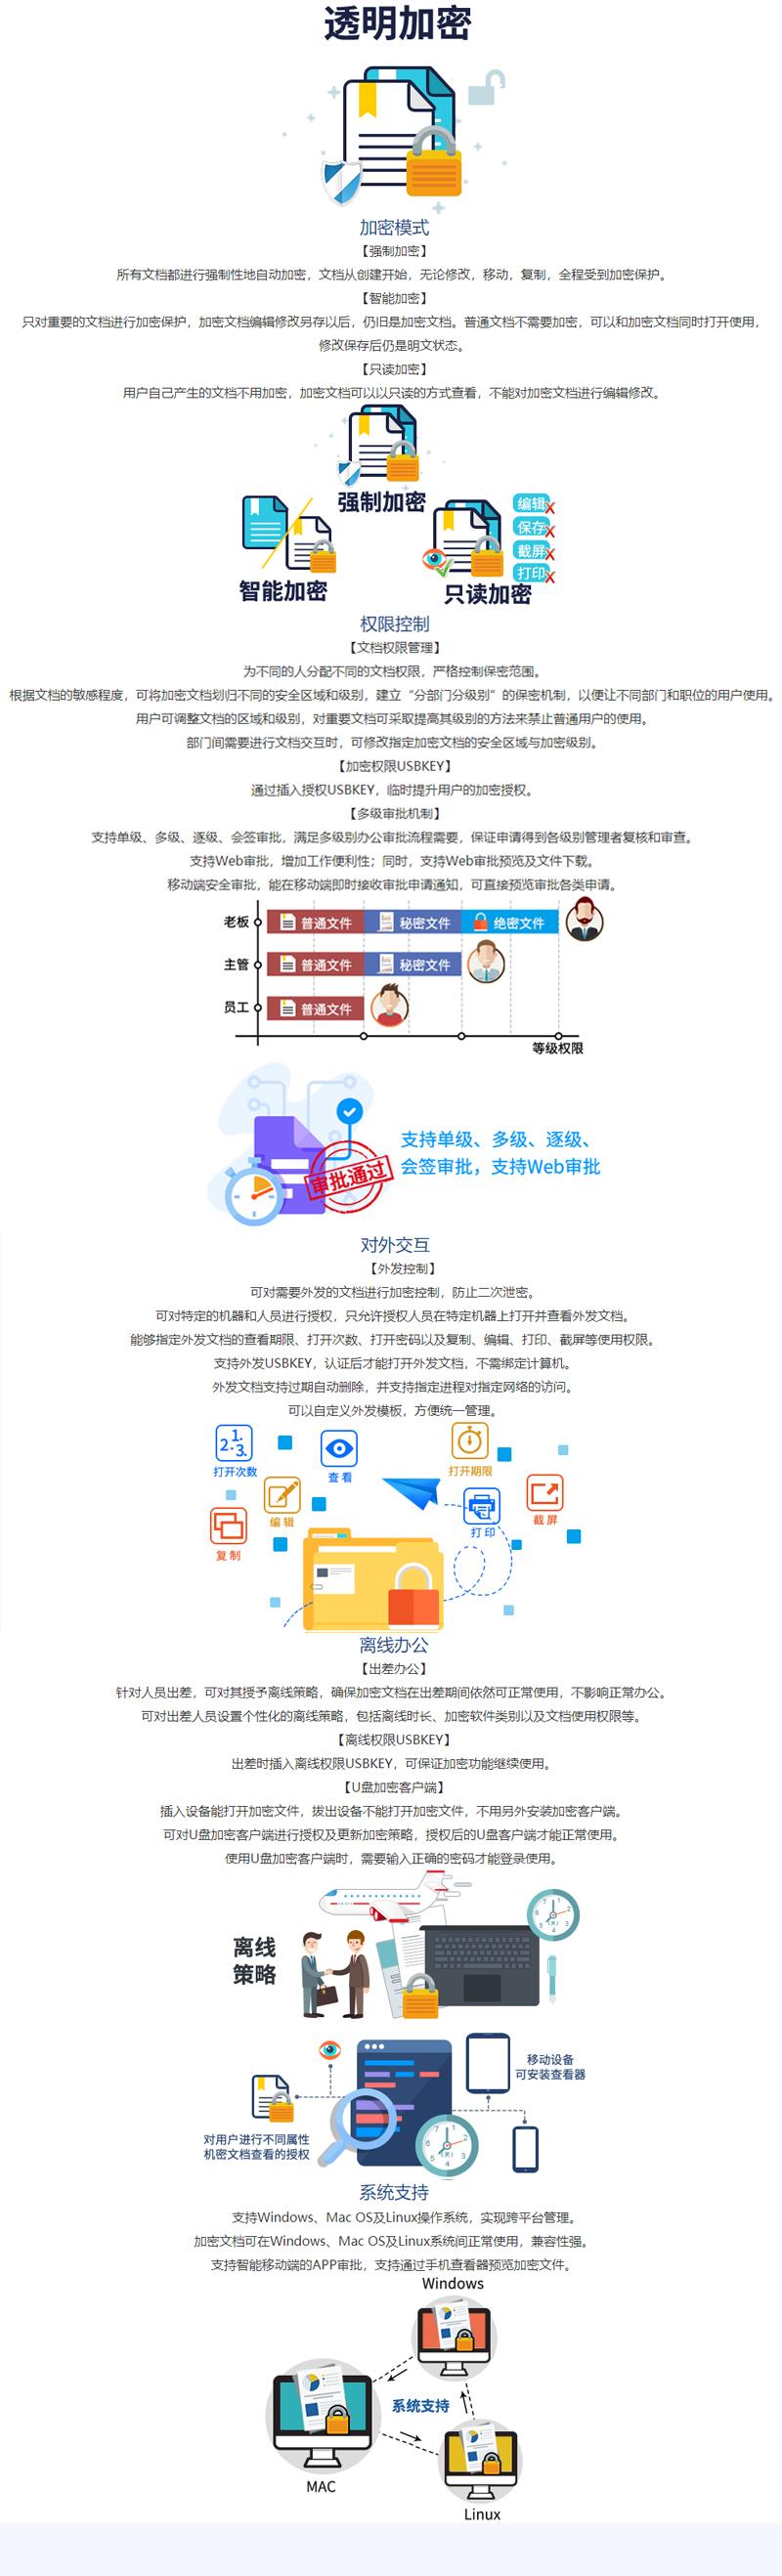 数据加密软app开拓_ 件-技能高